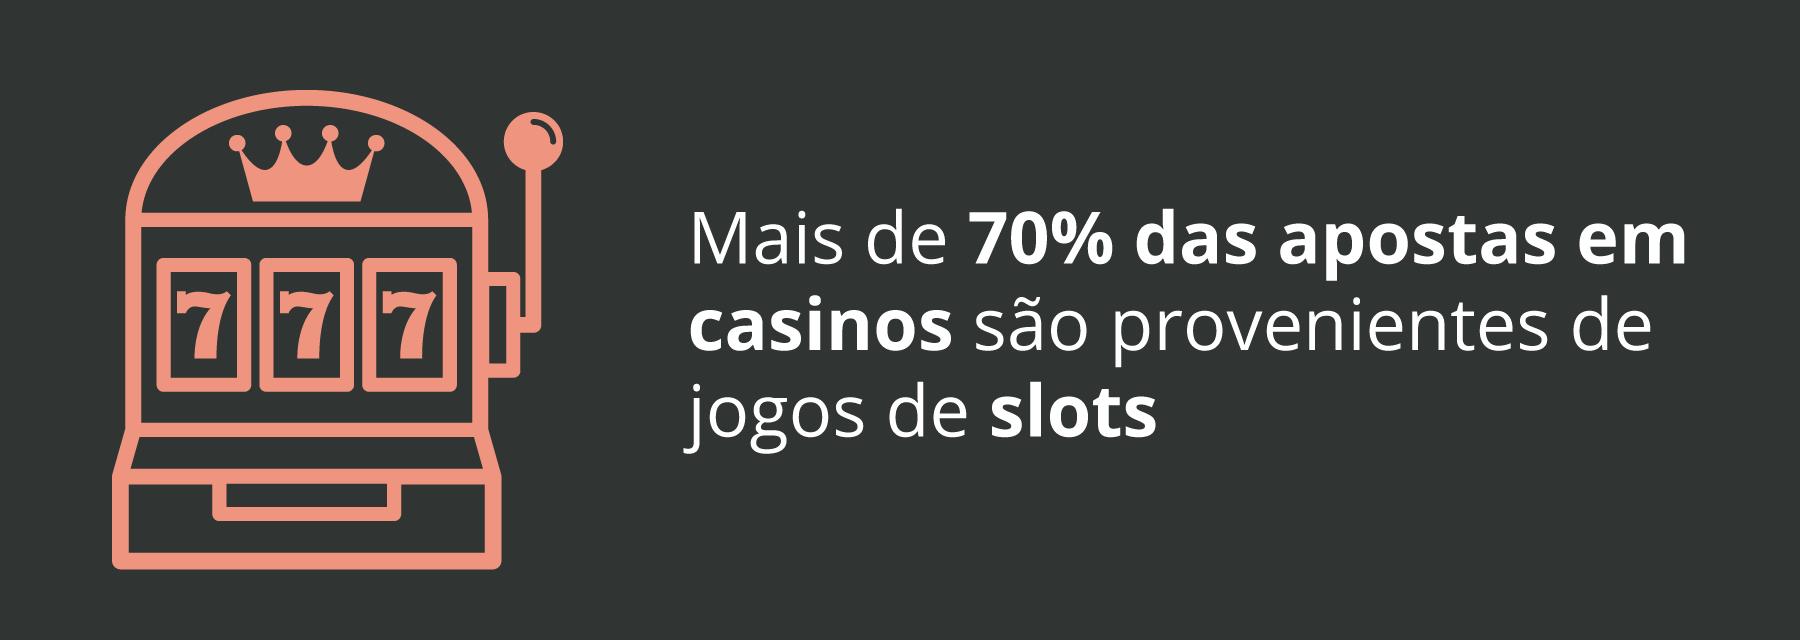 Percentagem da receita em slots em Portugal